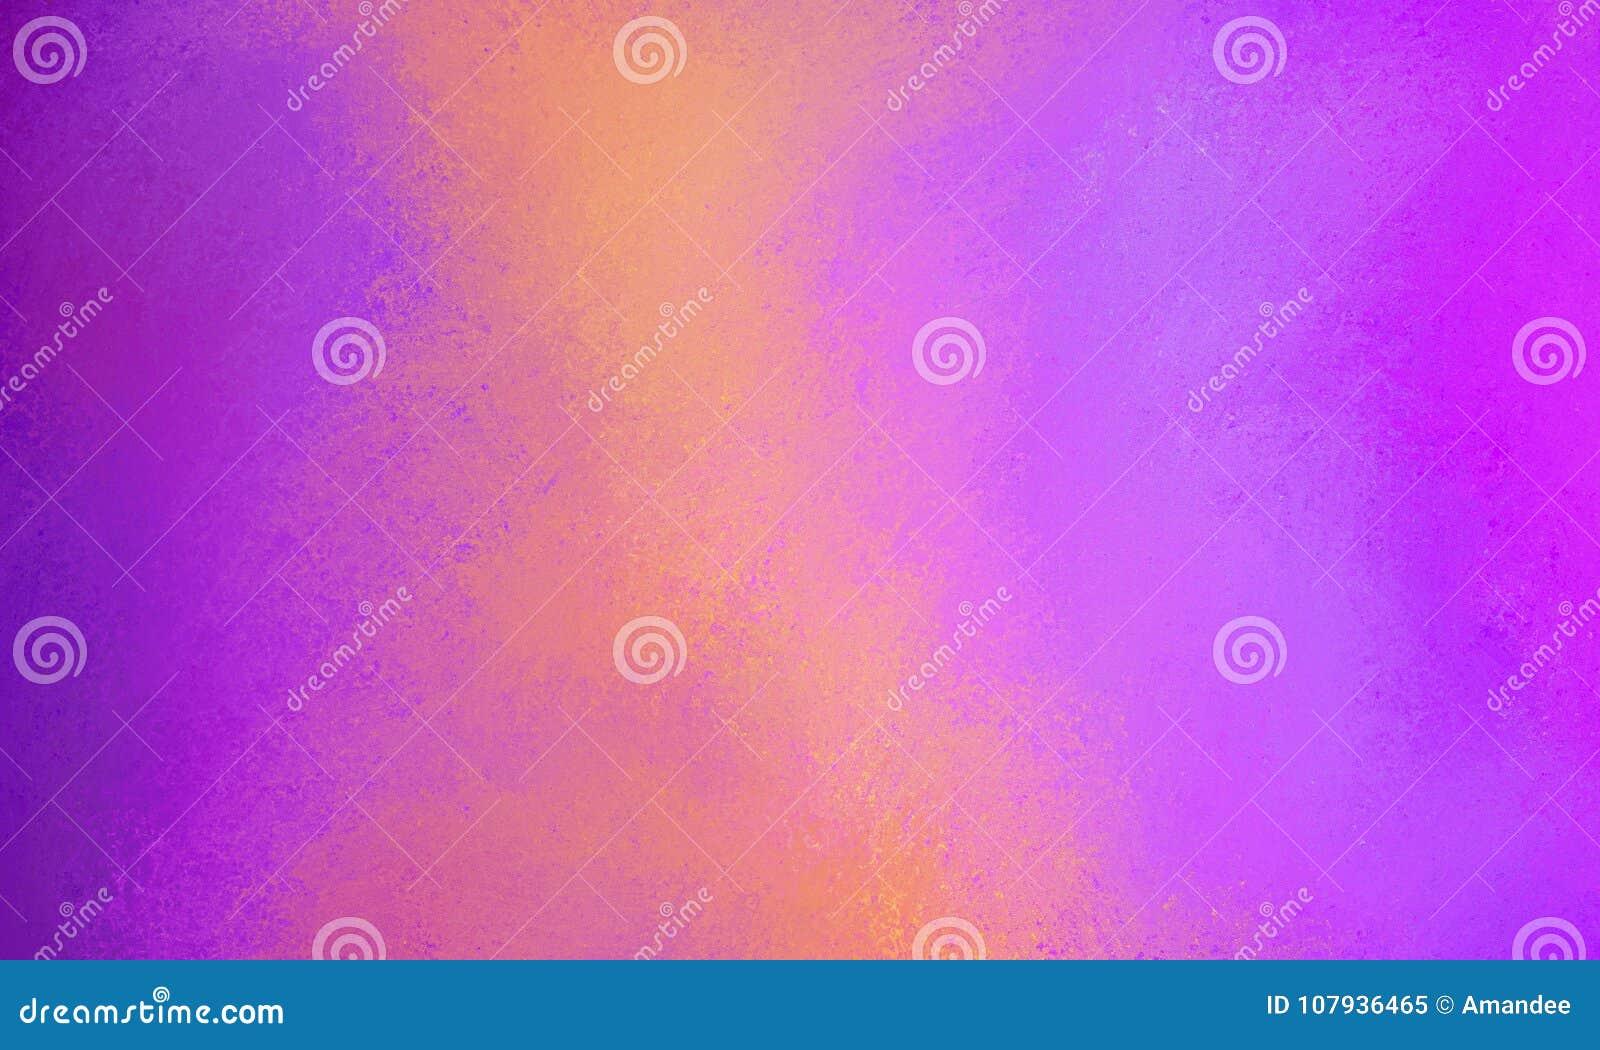 Elegante purpere roze achtergrond met oranje abstract streepontwerp met veel textuur, elegant geschilderd muurontwerp als achterg